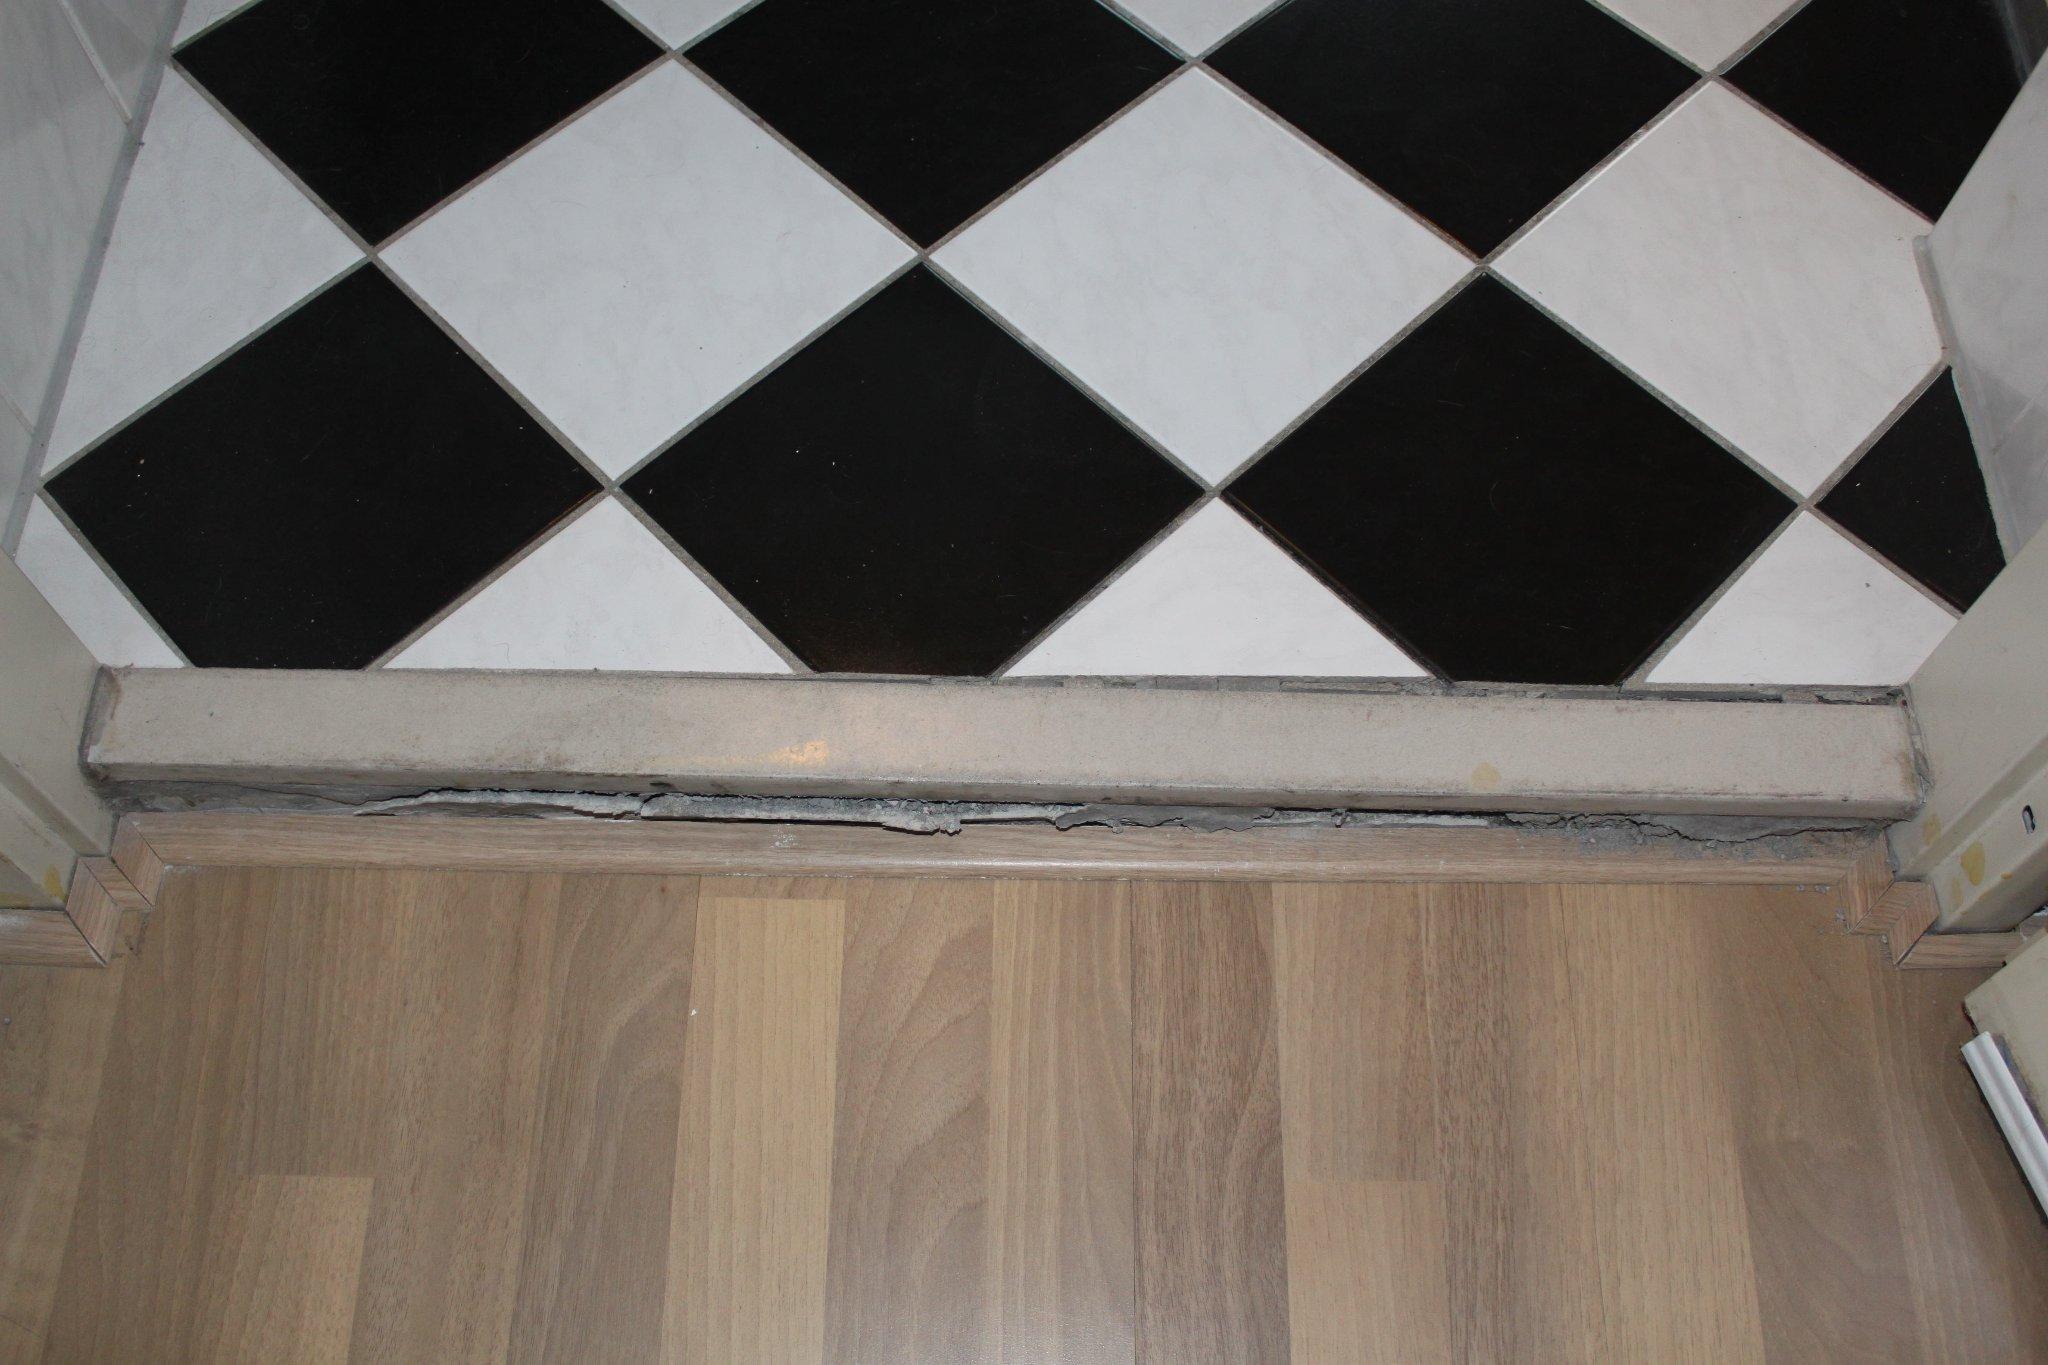 Dorpel Badkamer Praxis : Praxis dorpel elegant spiegellamp badkamer ikea praxis badkamer lamp